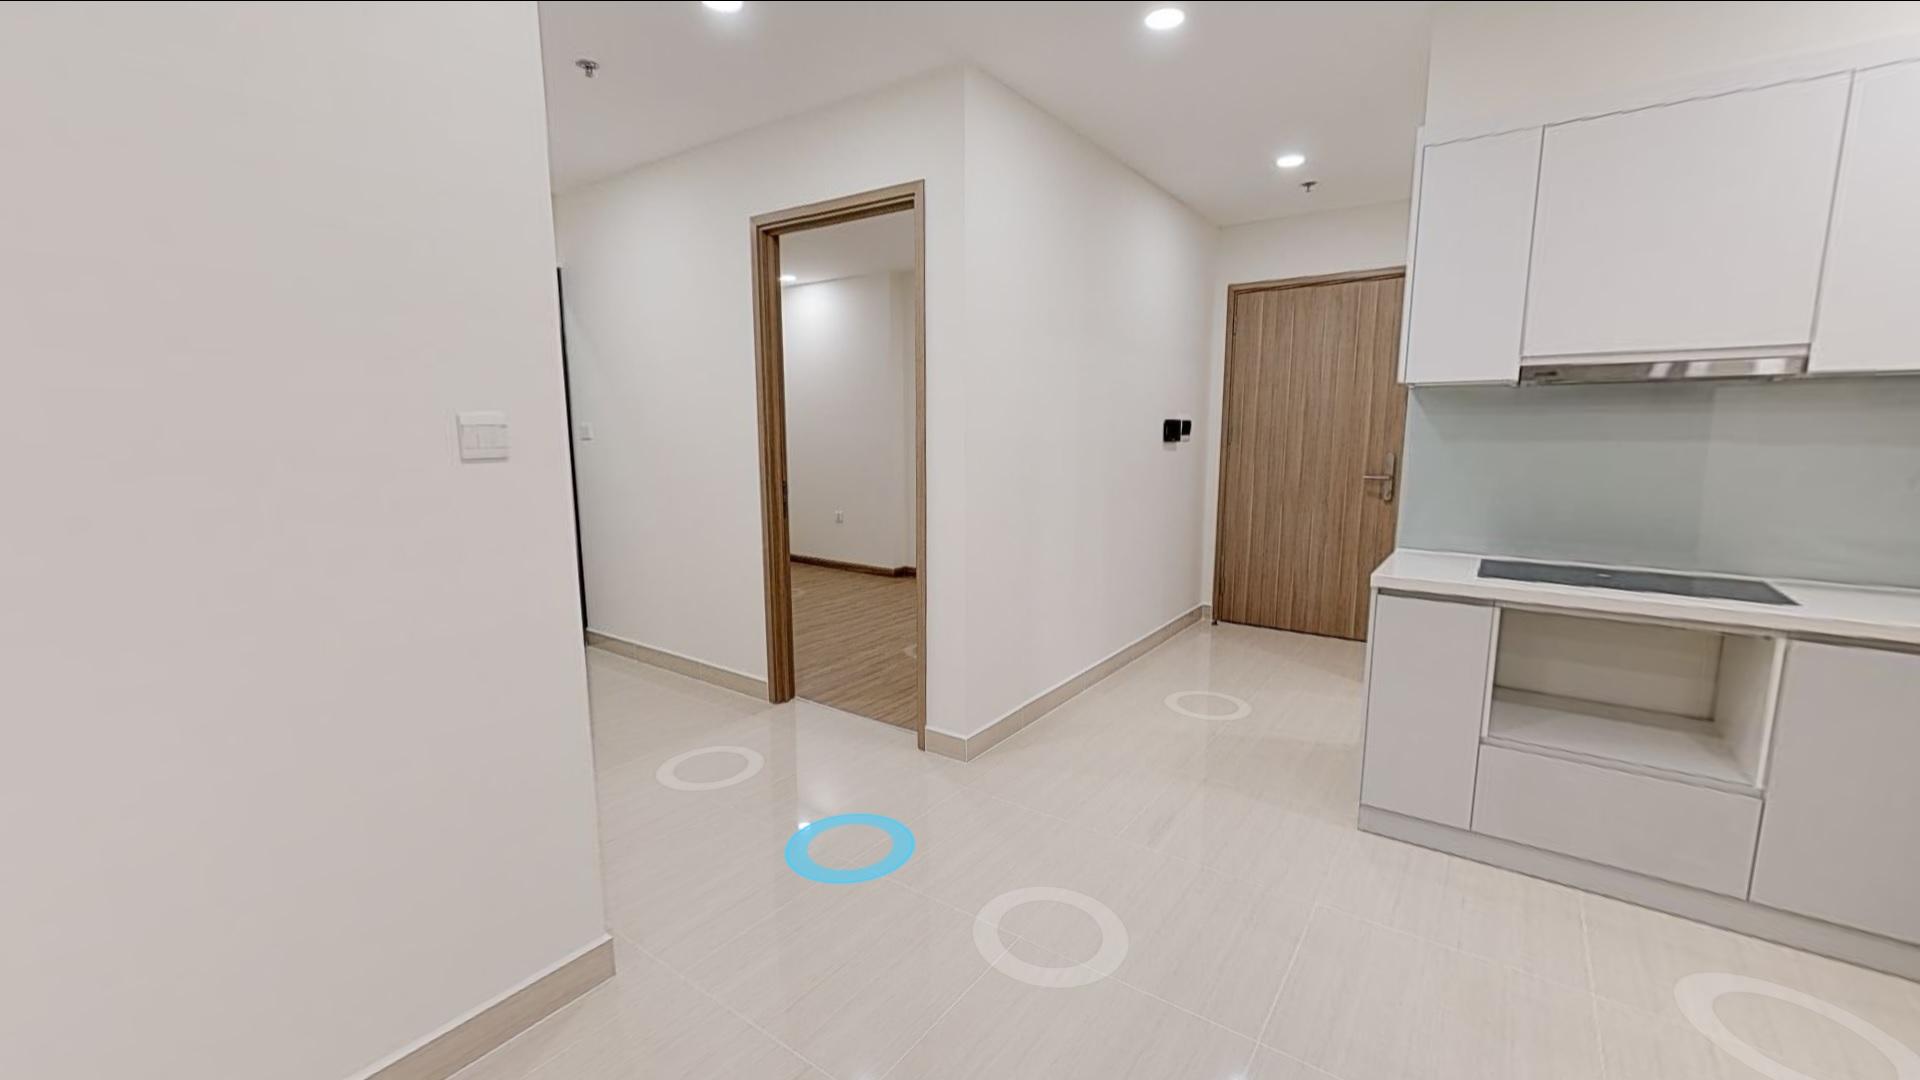 Mặt bằng căn hộ 2 phòng ngủ chung cư VinCity Gia Lâm